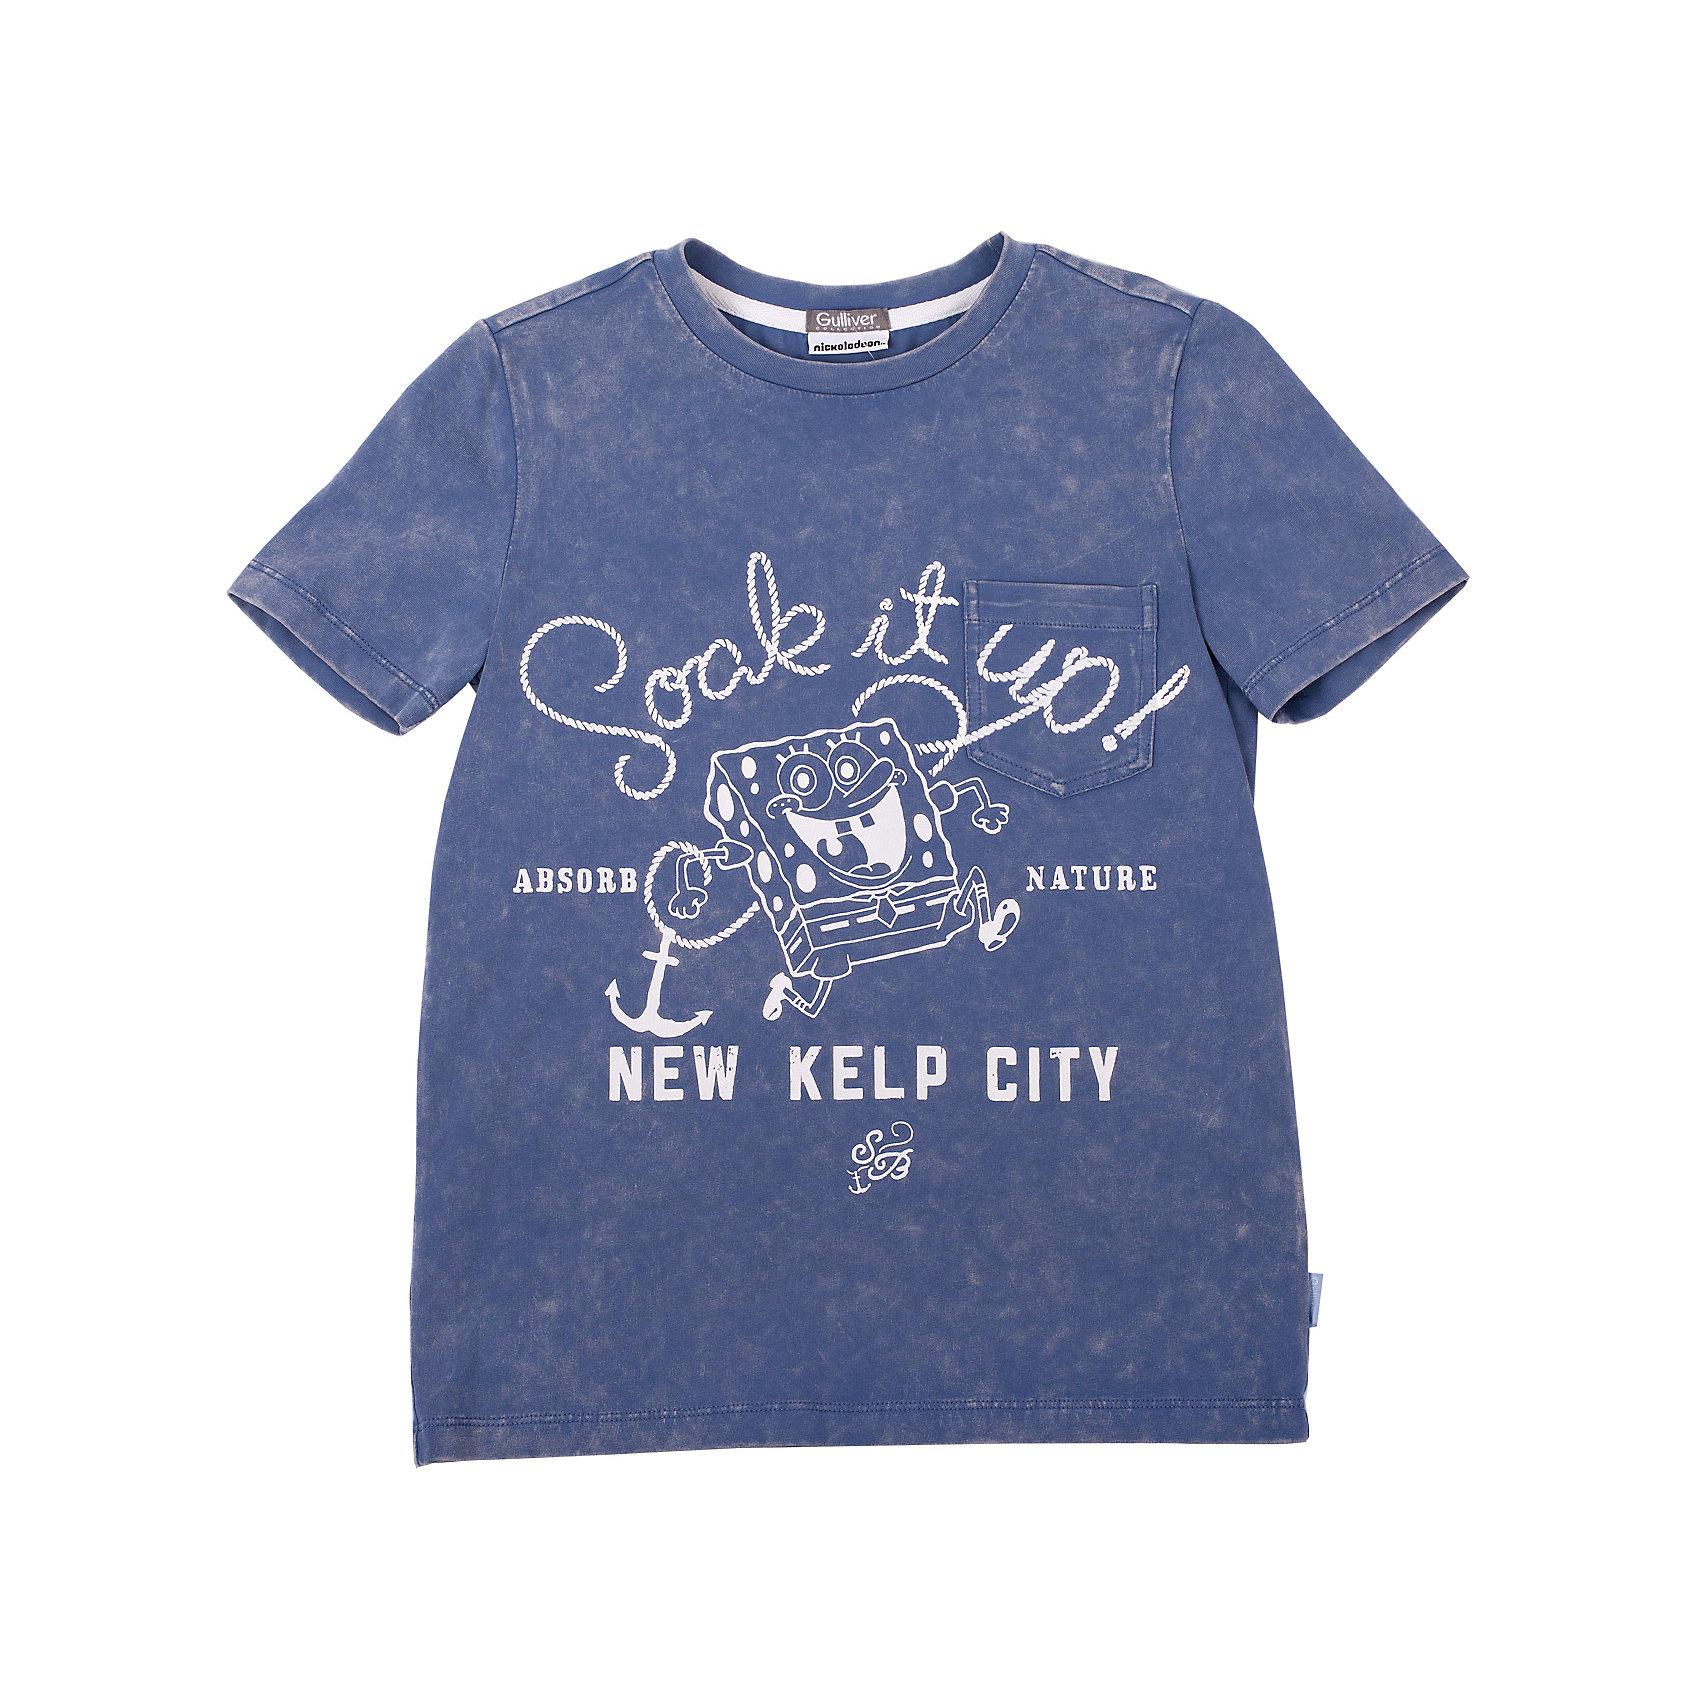 Футболка для мальчика GulliverКакими должны быть модные футболки для мальчика? Что отличает простую футболку с коротким рукавом от стильной, качественной брендовой вещи? Прекрасный хлопок с эластаном, дающий 100% комфорт и свободу движений, модная варка, стирка изделия, создающая легкий эффект состаренности, потертости вещи, эффектный занимательный принт делают футболку ярким заметным элементом образа. Если вы решили купить футболку с принтом для мальчика, обратите внимание на эту модель! Красивый летний цвет, комфортная посадка на фигуре, оригинальное изображение на передней части модели обязательно порадует ребенка и придаст его летнему гардеробу свежесть и новизну.<br>Состав:<br>95% хлопок      5% эластан<br><br>Ширина мм: 199<br>Глубина мм: 10<br>Высота мм: 161<br>Вес г: 151<br>Цвет: голубой<br>Возраст от месяцев: 72<br>Возраст до месяцев: 84<br>Пол: Мужской<br>Возраст: Детский<br>Размер: 122,140,128,134<br>SKU: 4534933